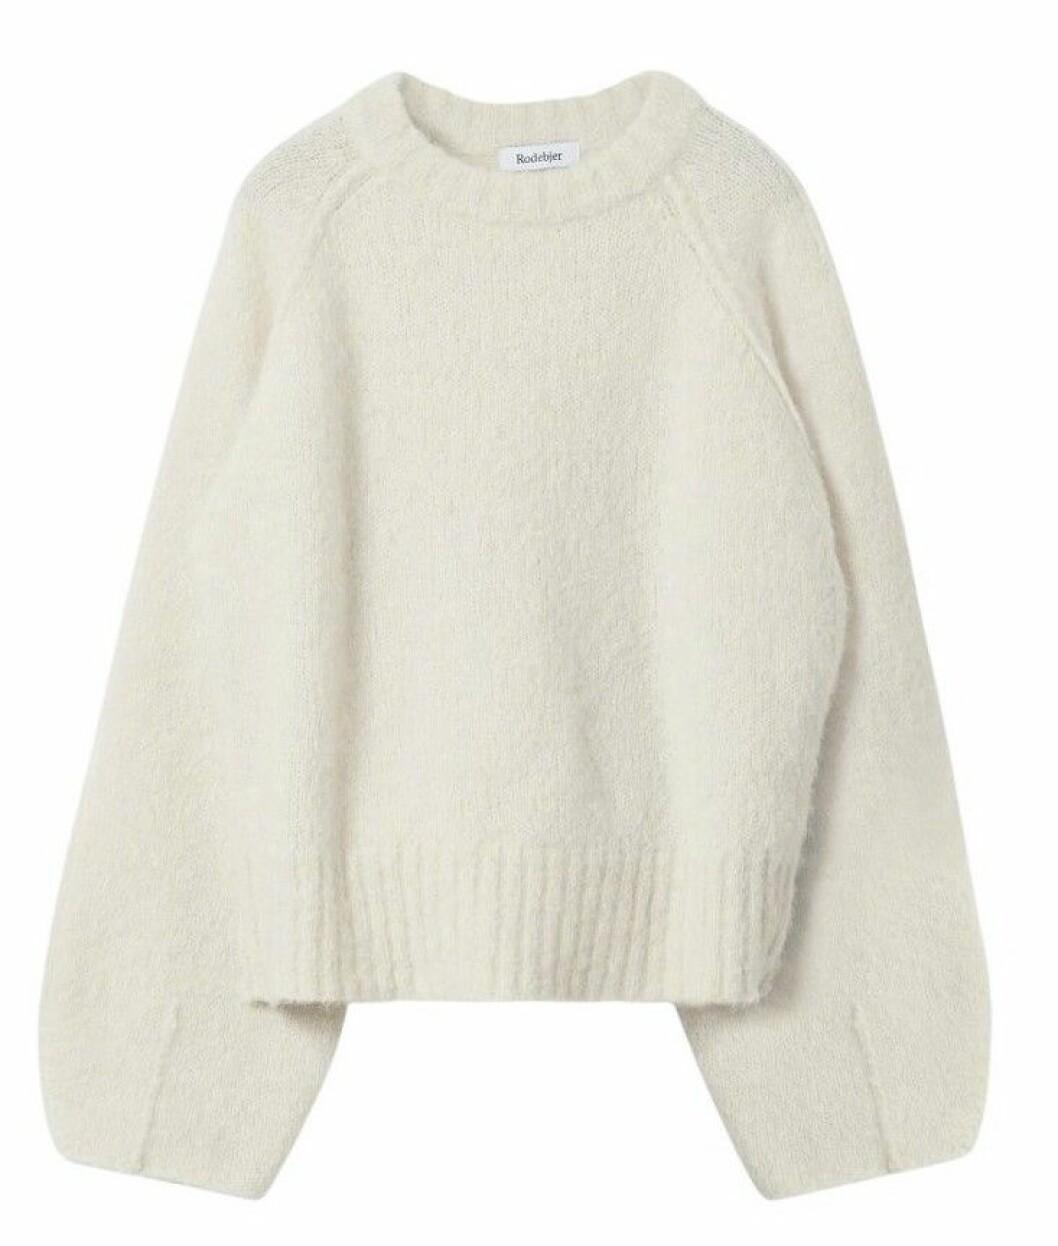 Stickad tröja i vitt med voluminösa ärmar från Rodebjer.